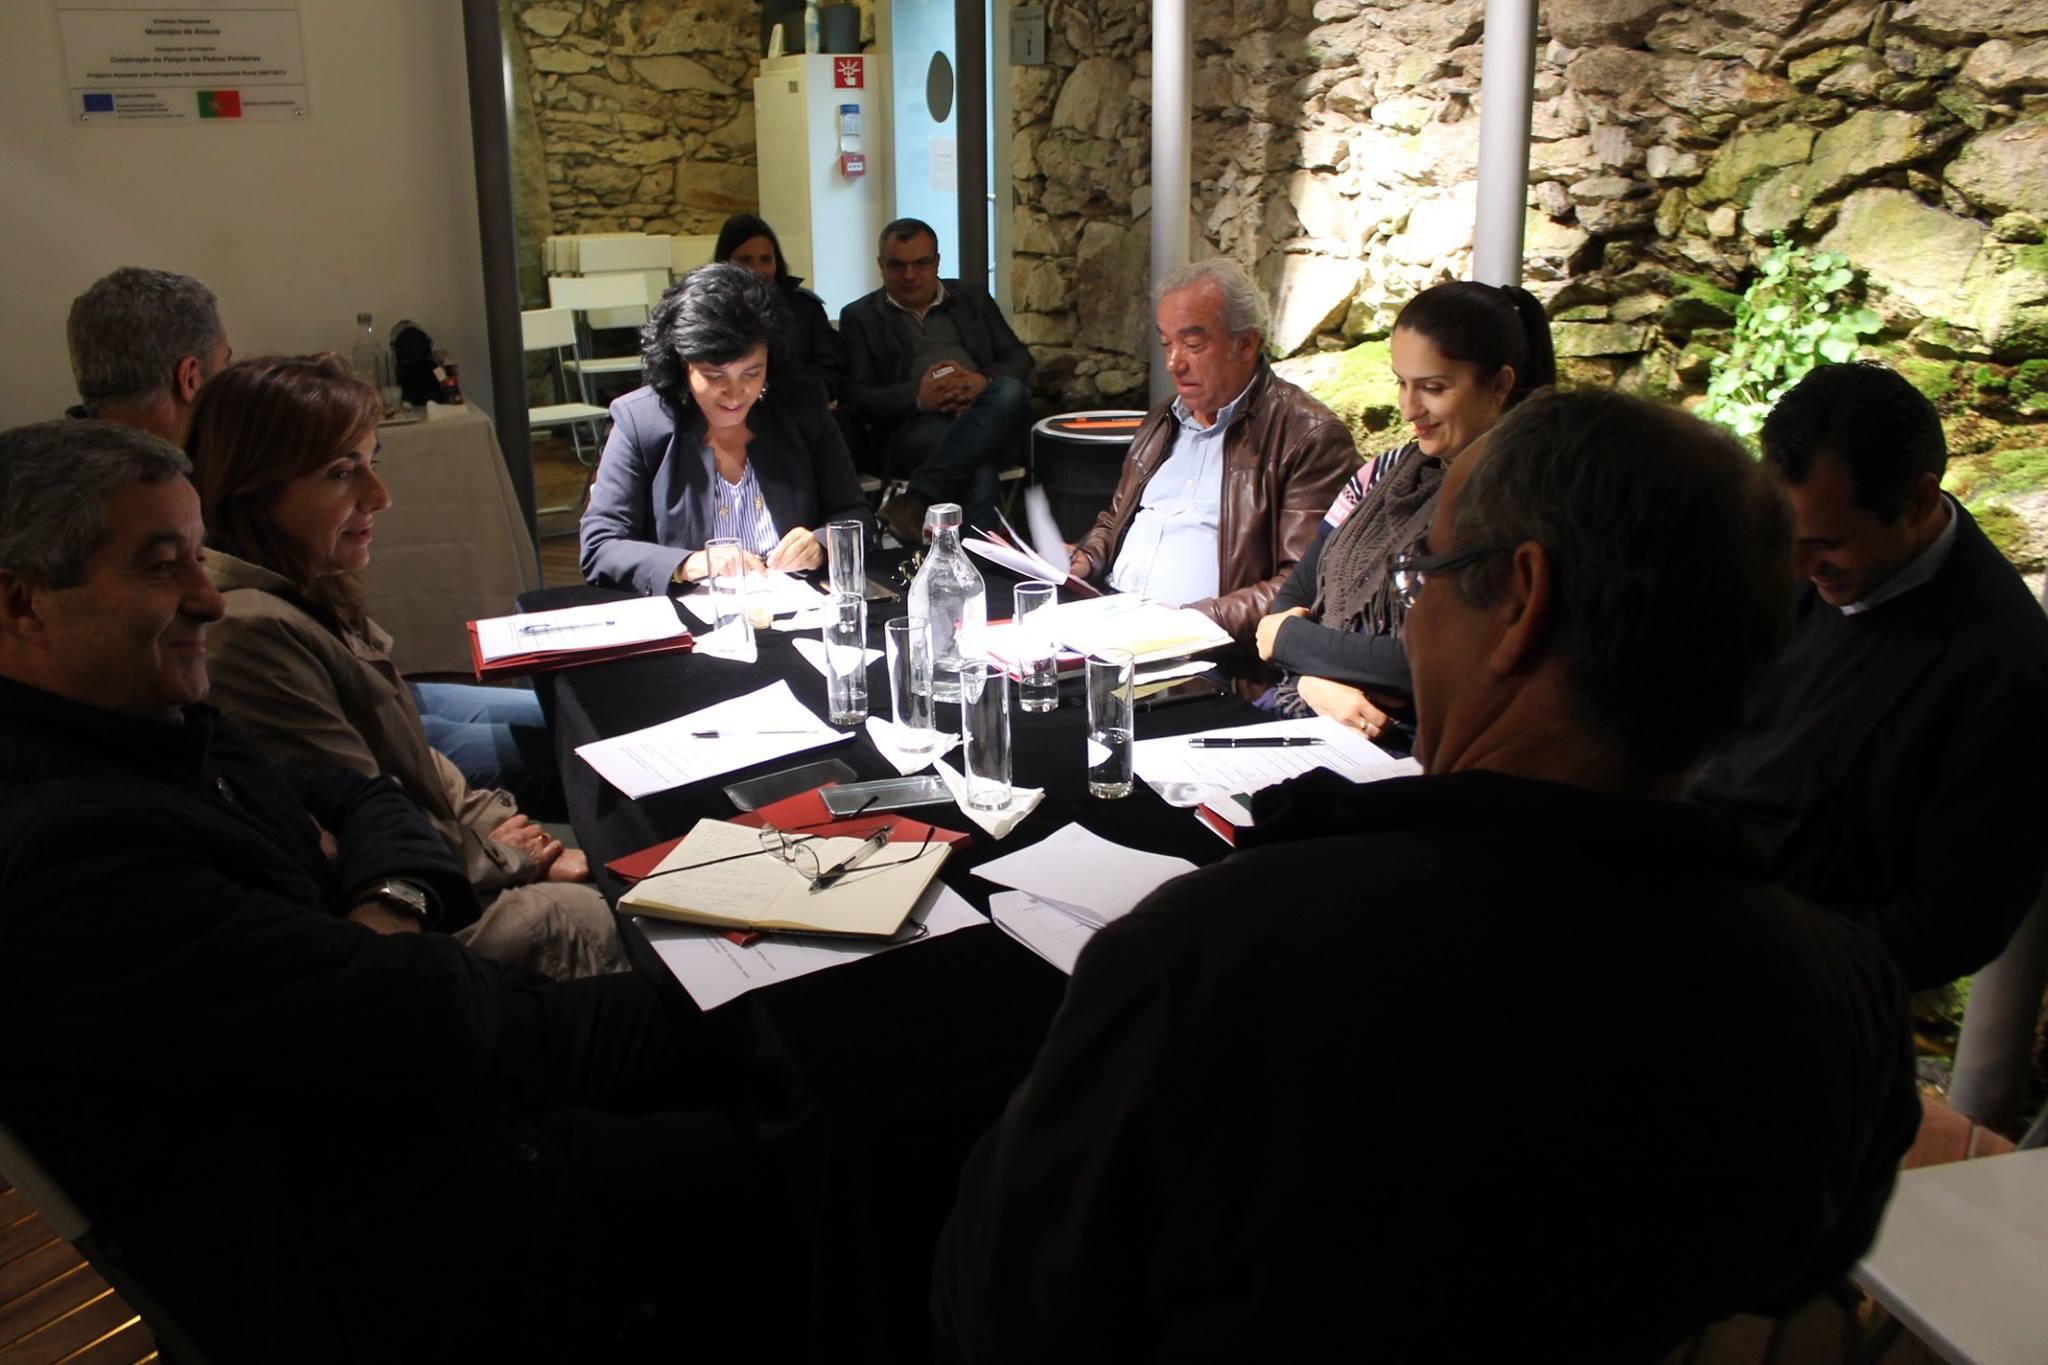 Câmara reuniu em Albergaria e discutiu obras na Serra